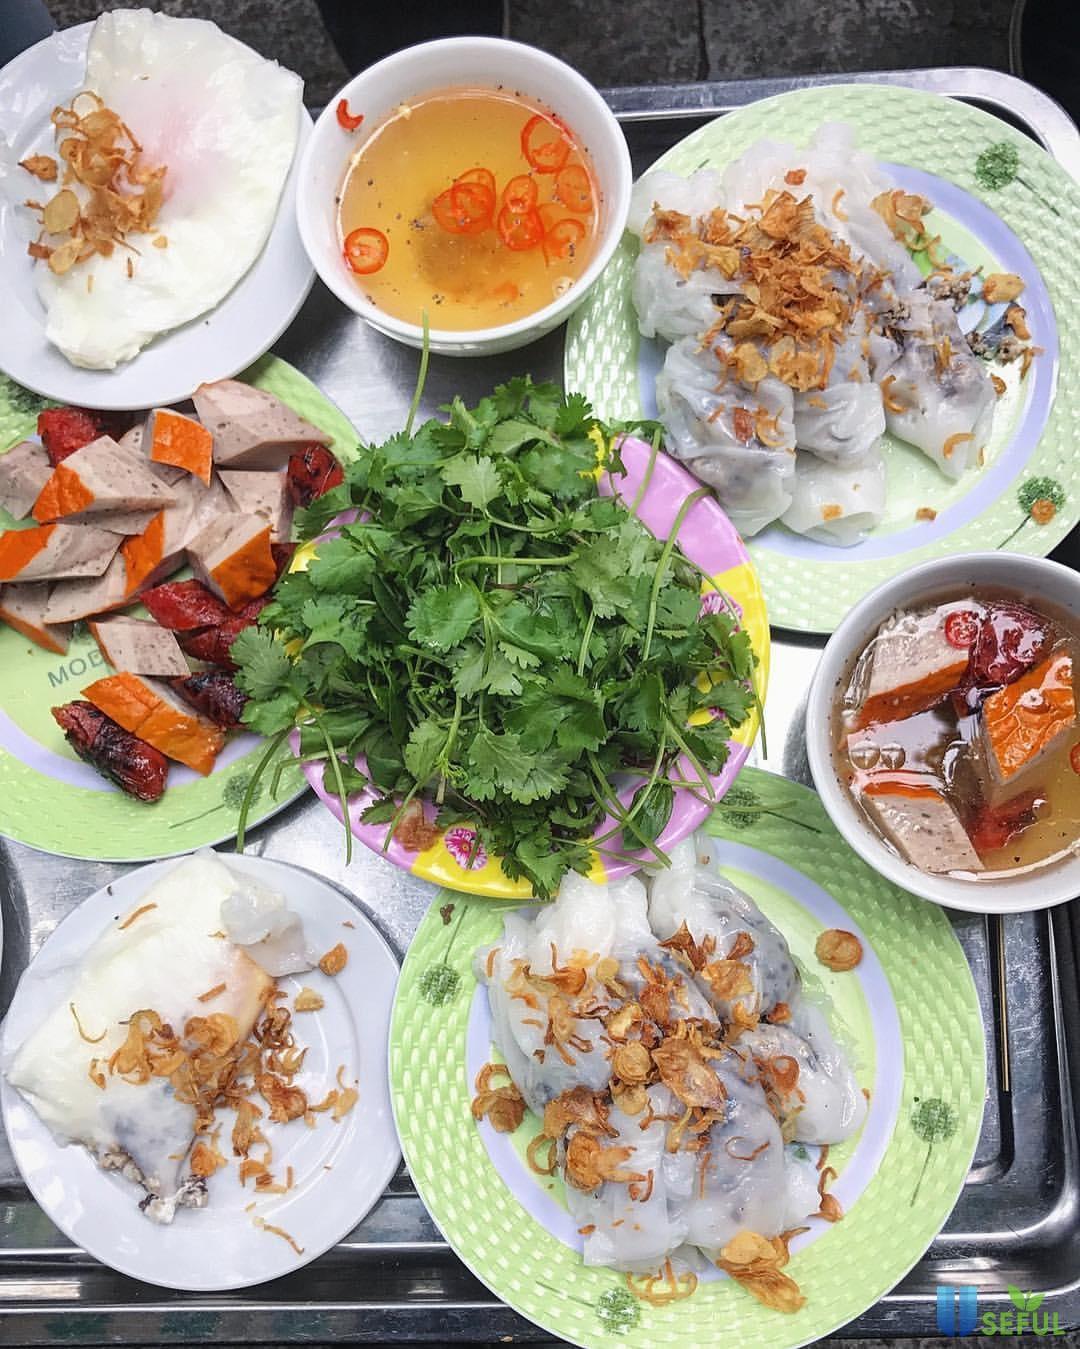 Bánh cuốn là món ăn nhẹ yêu thích của người Hà Nội